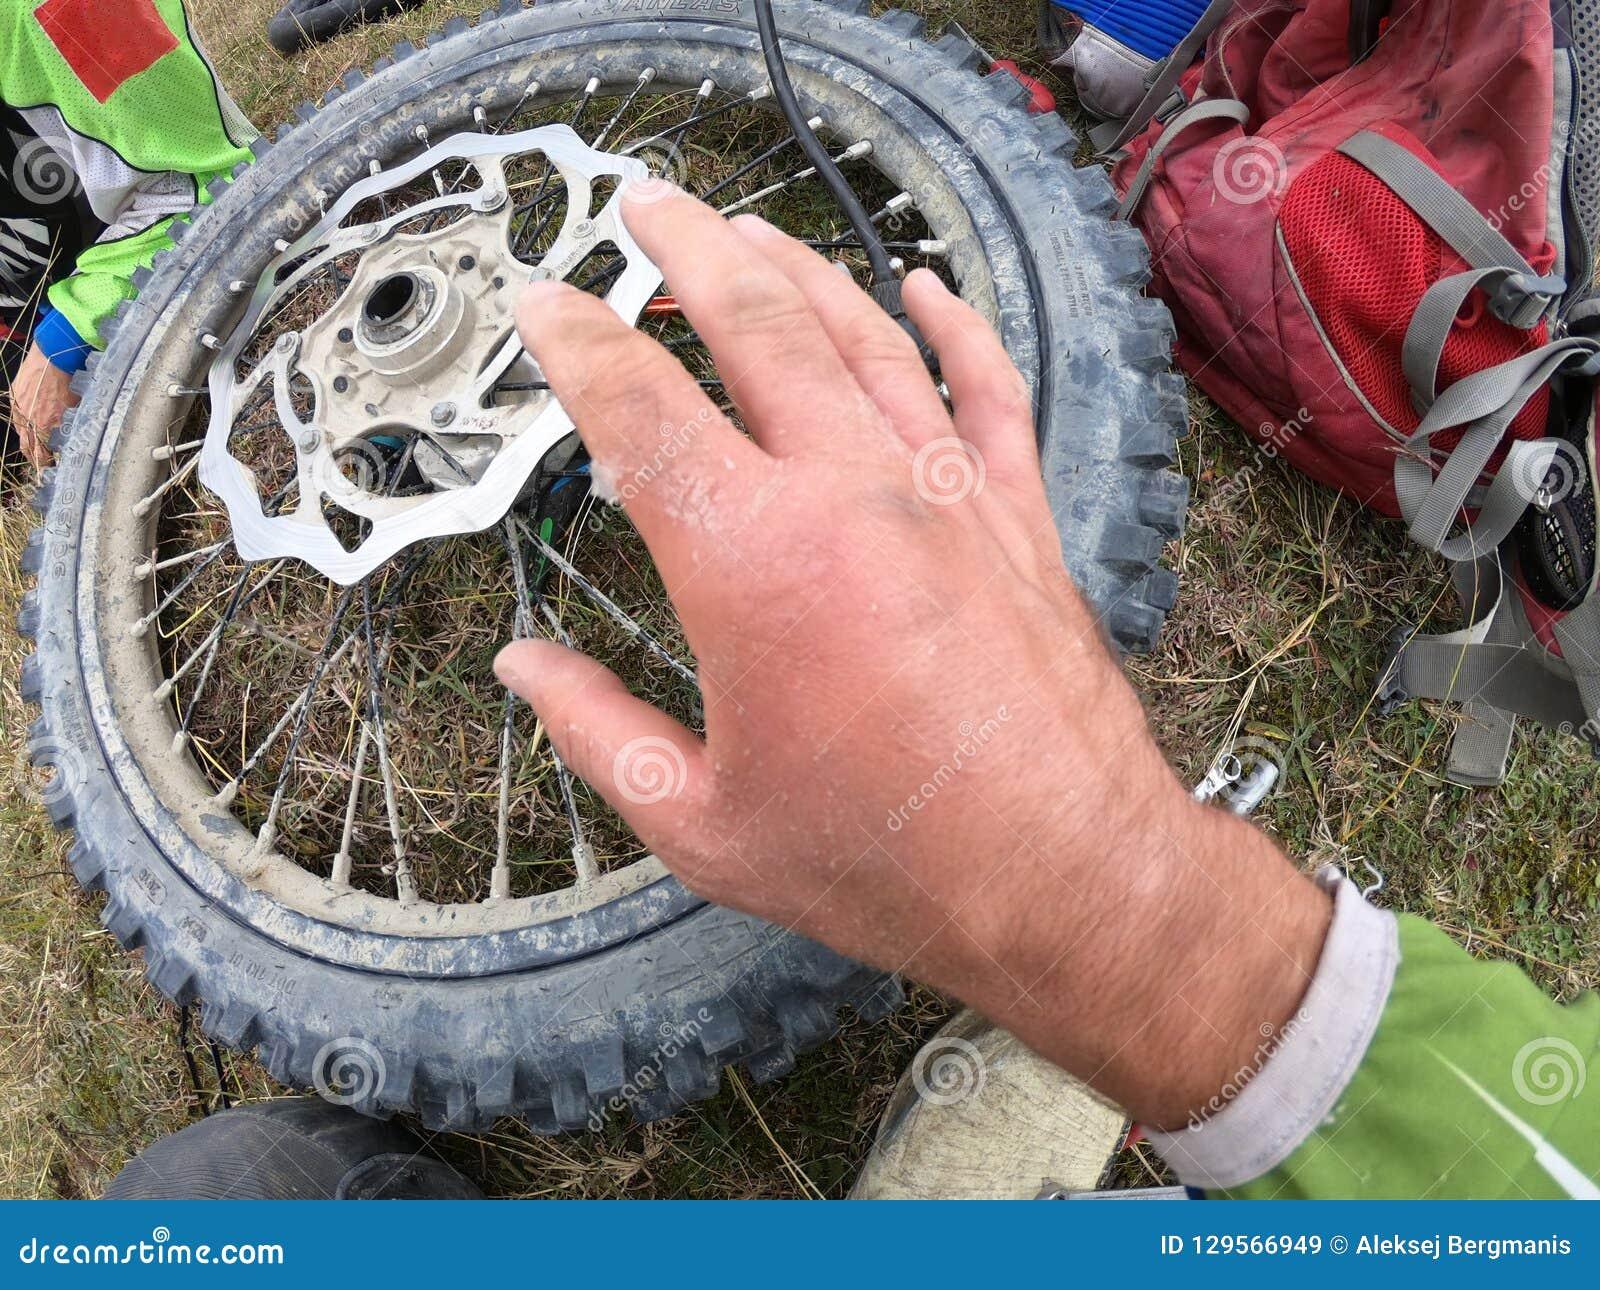 Ушиб руки на мотоцикле и ремонт колеса в горах